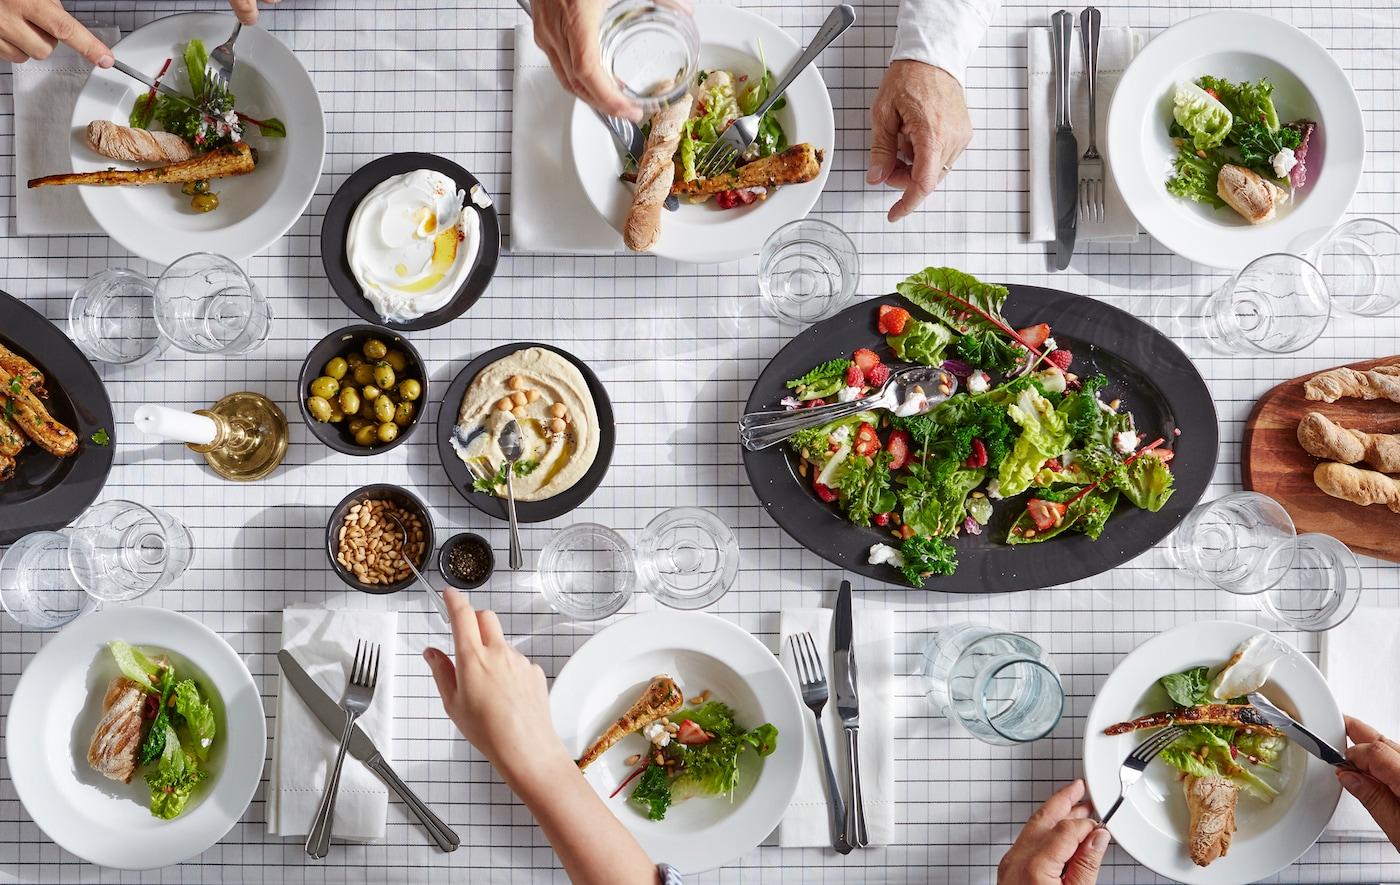 Table dressée avec salade, pain et autres, vue d'en haut.